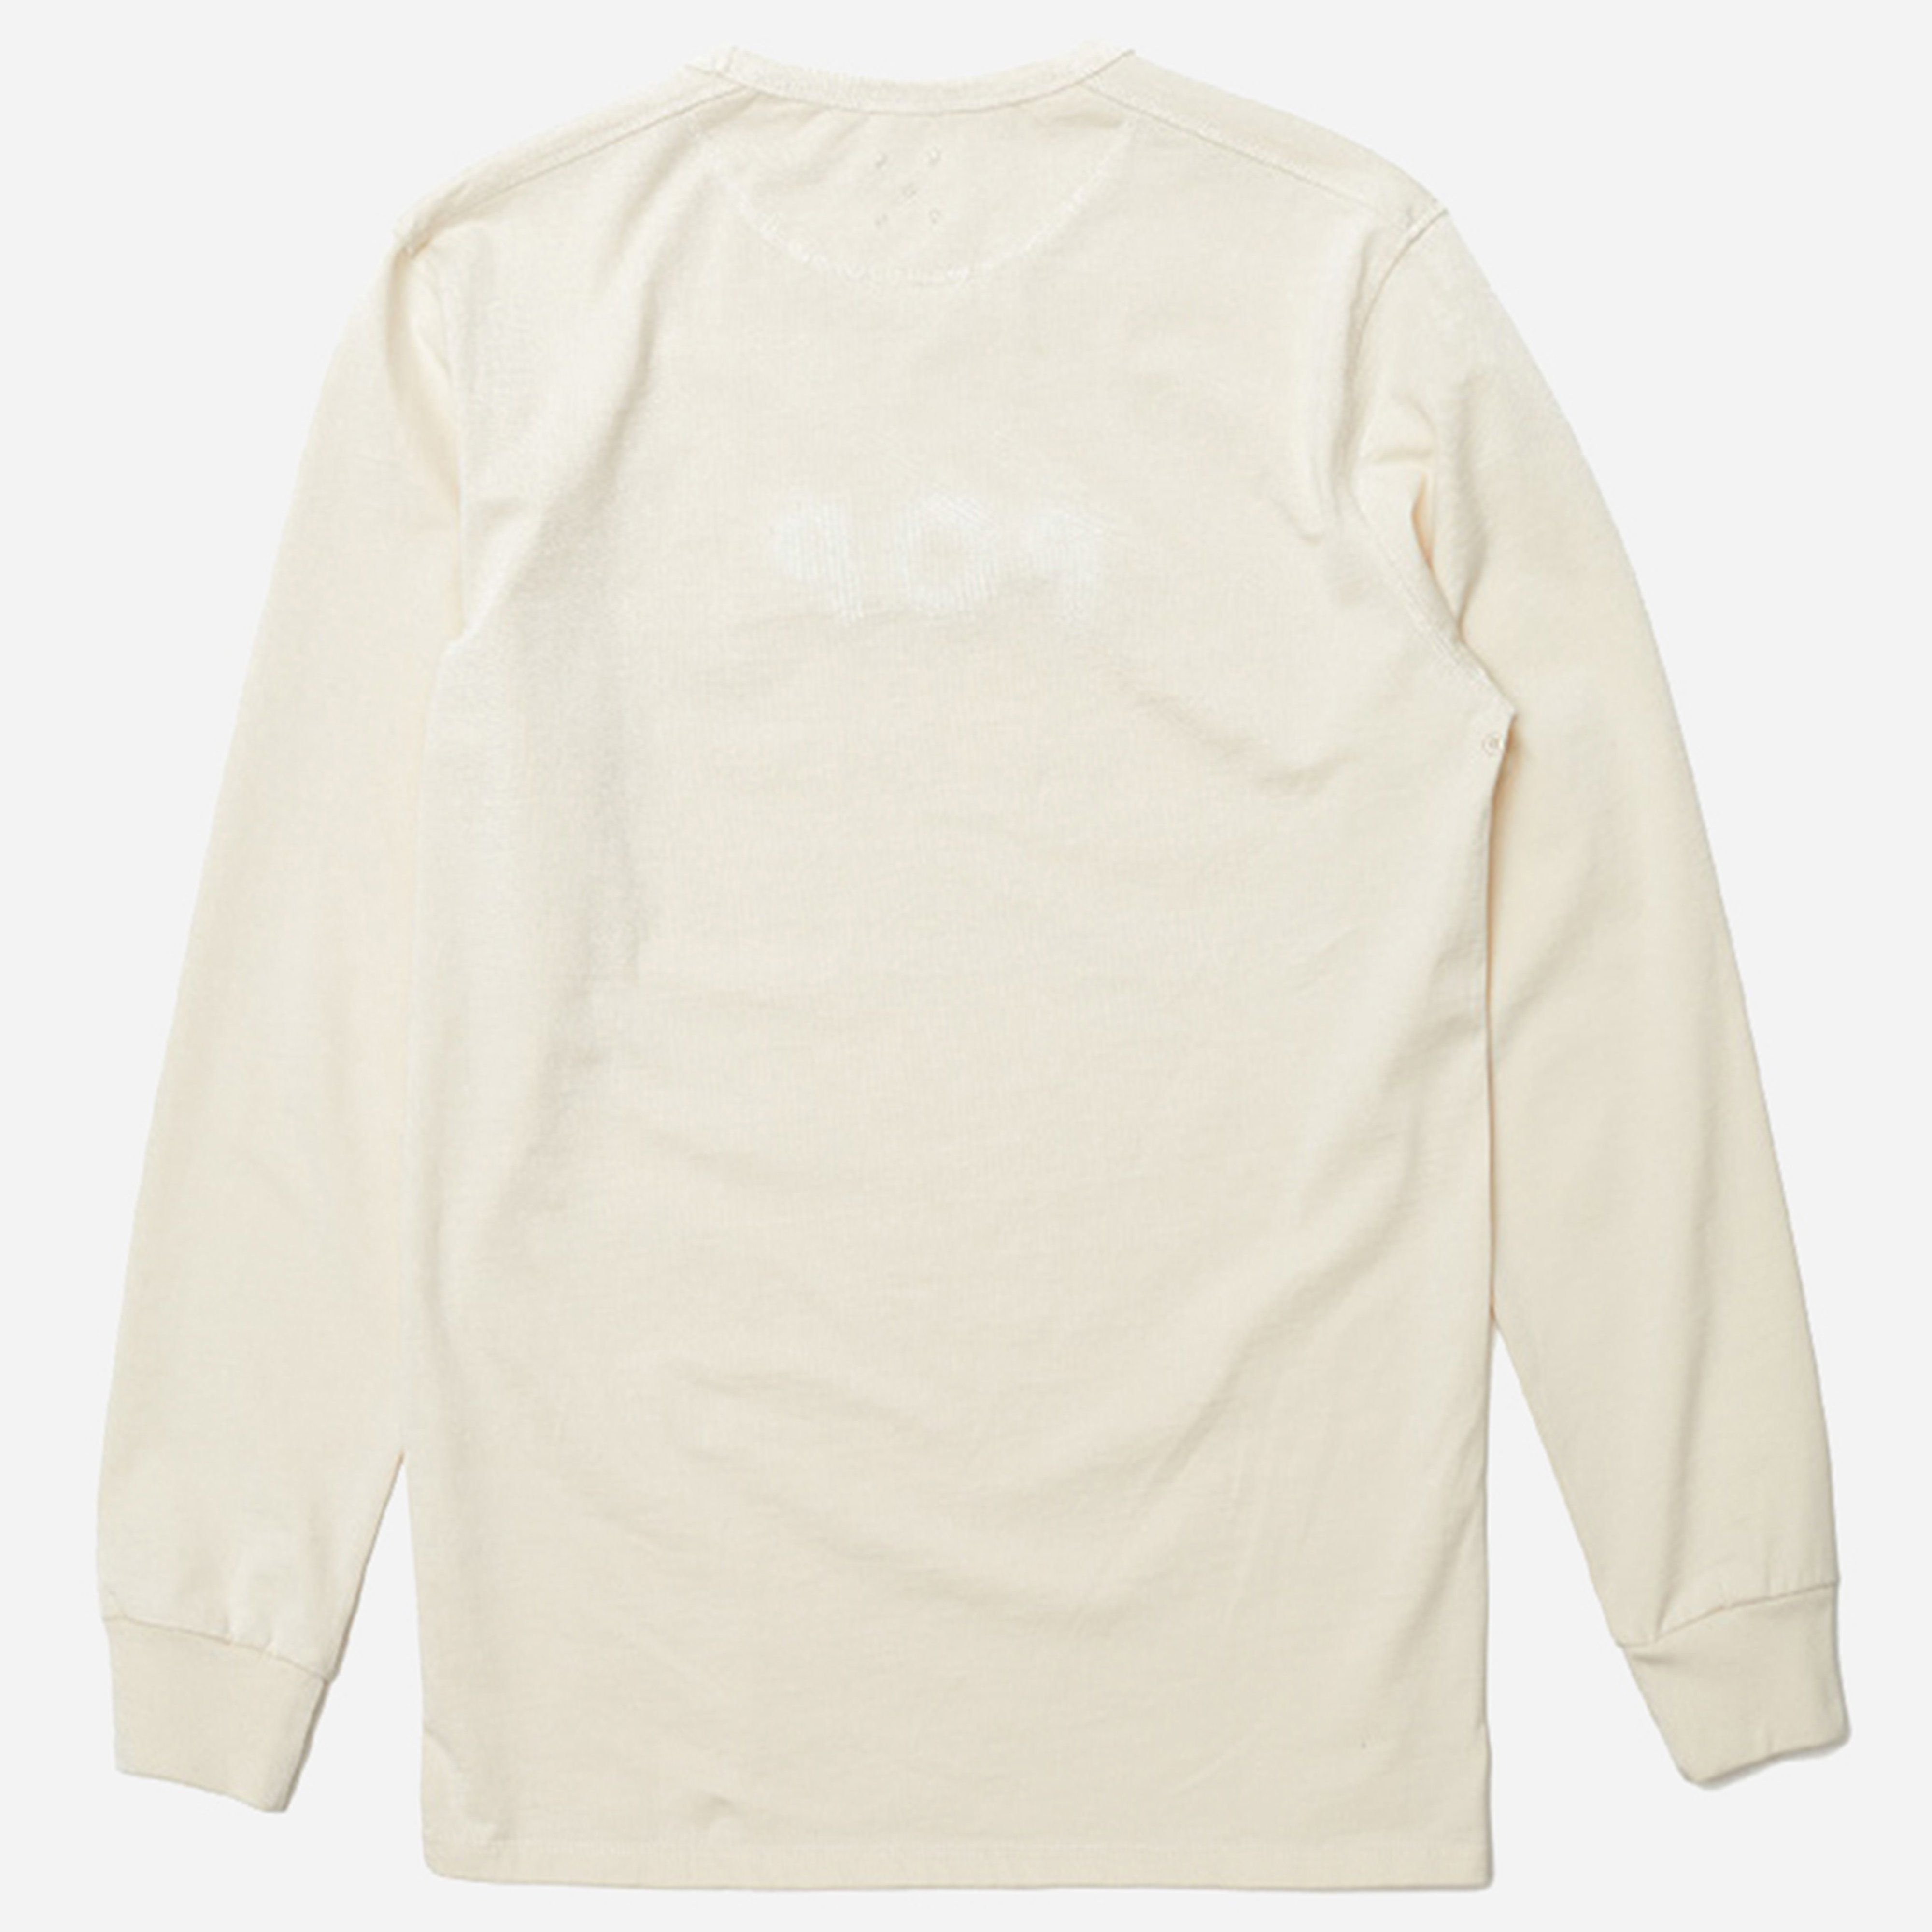 Pop Trading Company Uni Longsleeve T-Shirt